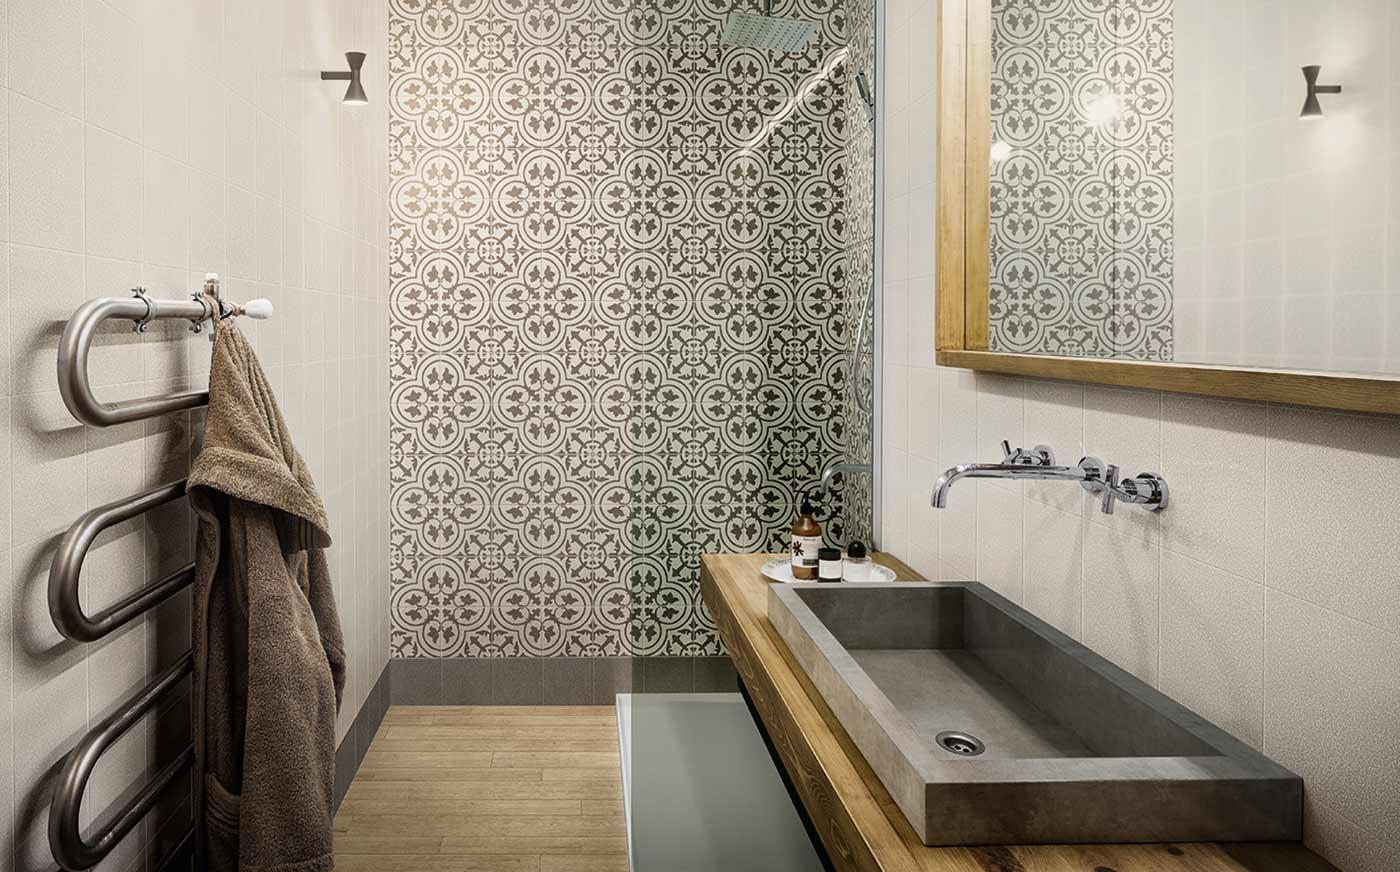 Fliesen für Badezimmer – große Auswahl bei Terra e Muro